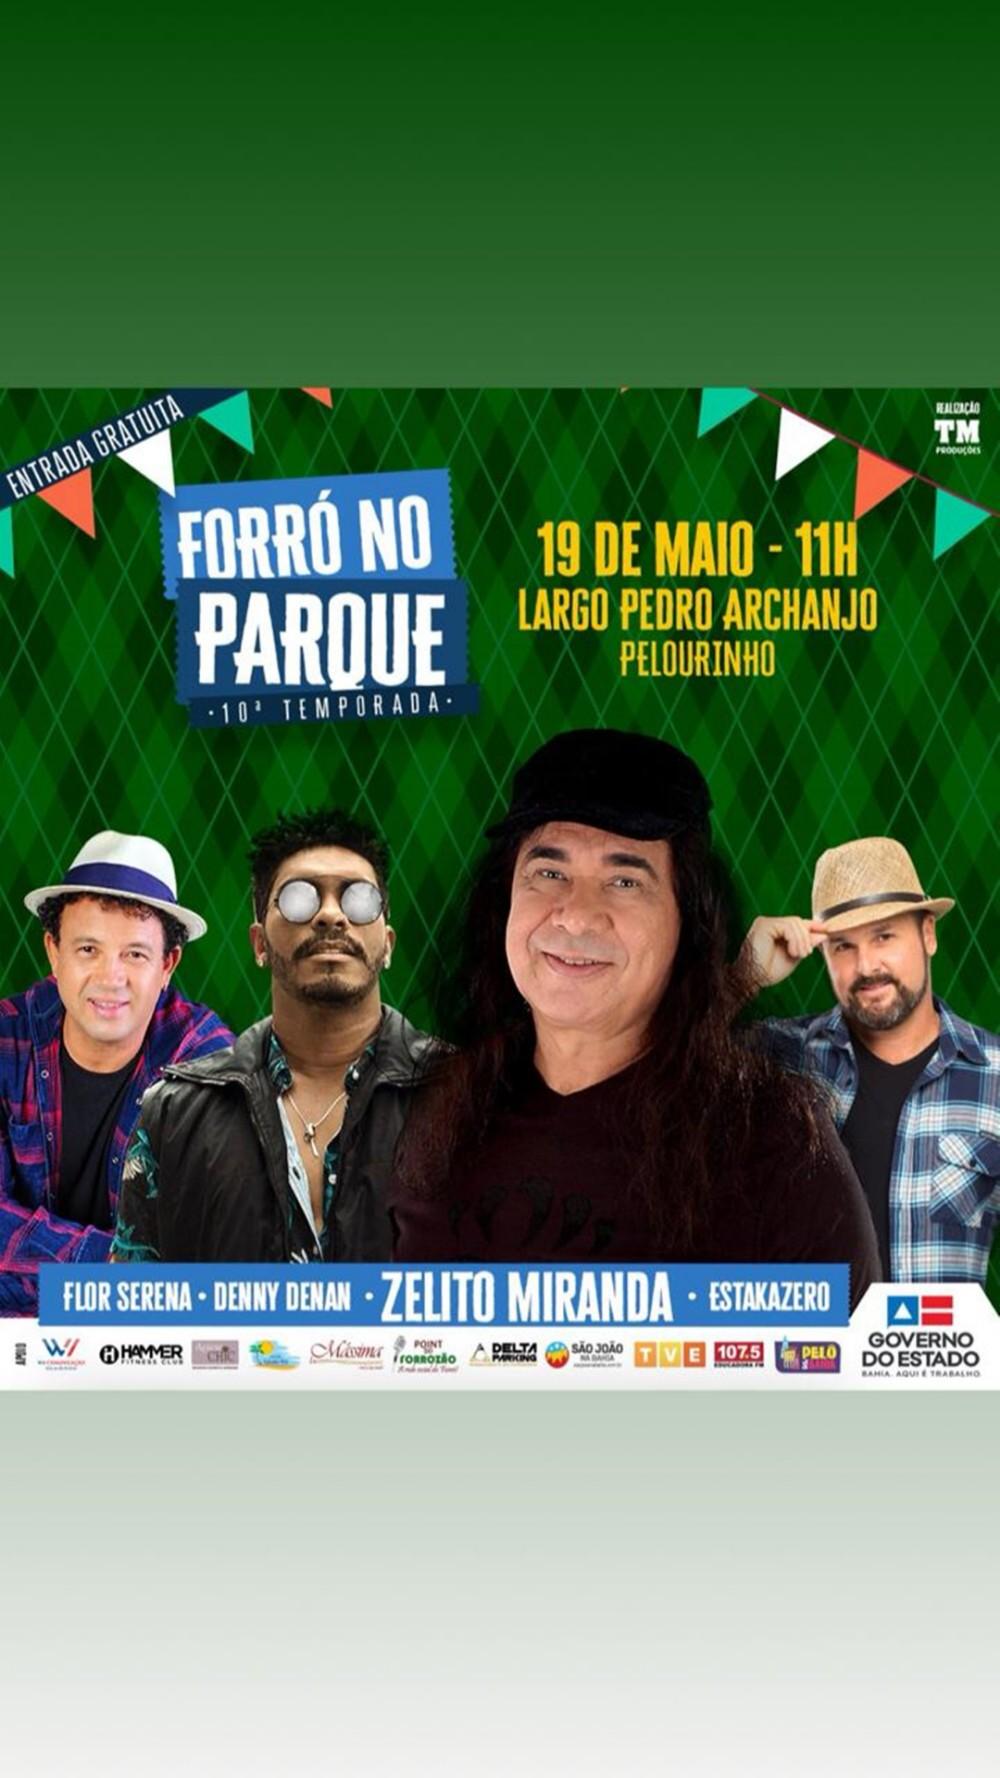 Zelito Miranda terá Denny Denan, Estakazero e Flor Serena no Forró no Parque